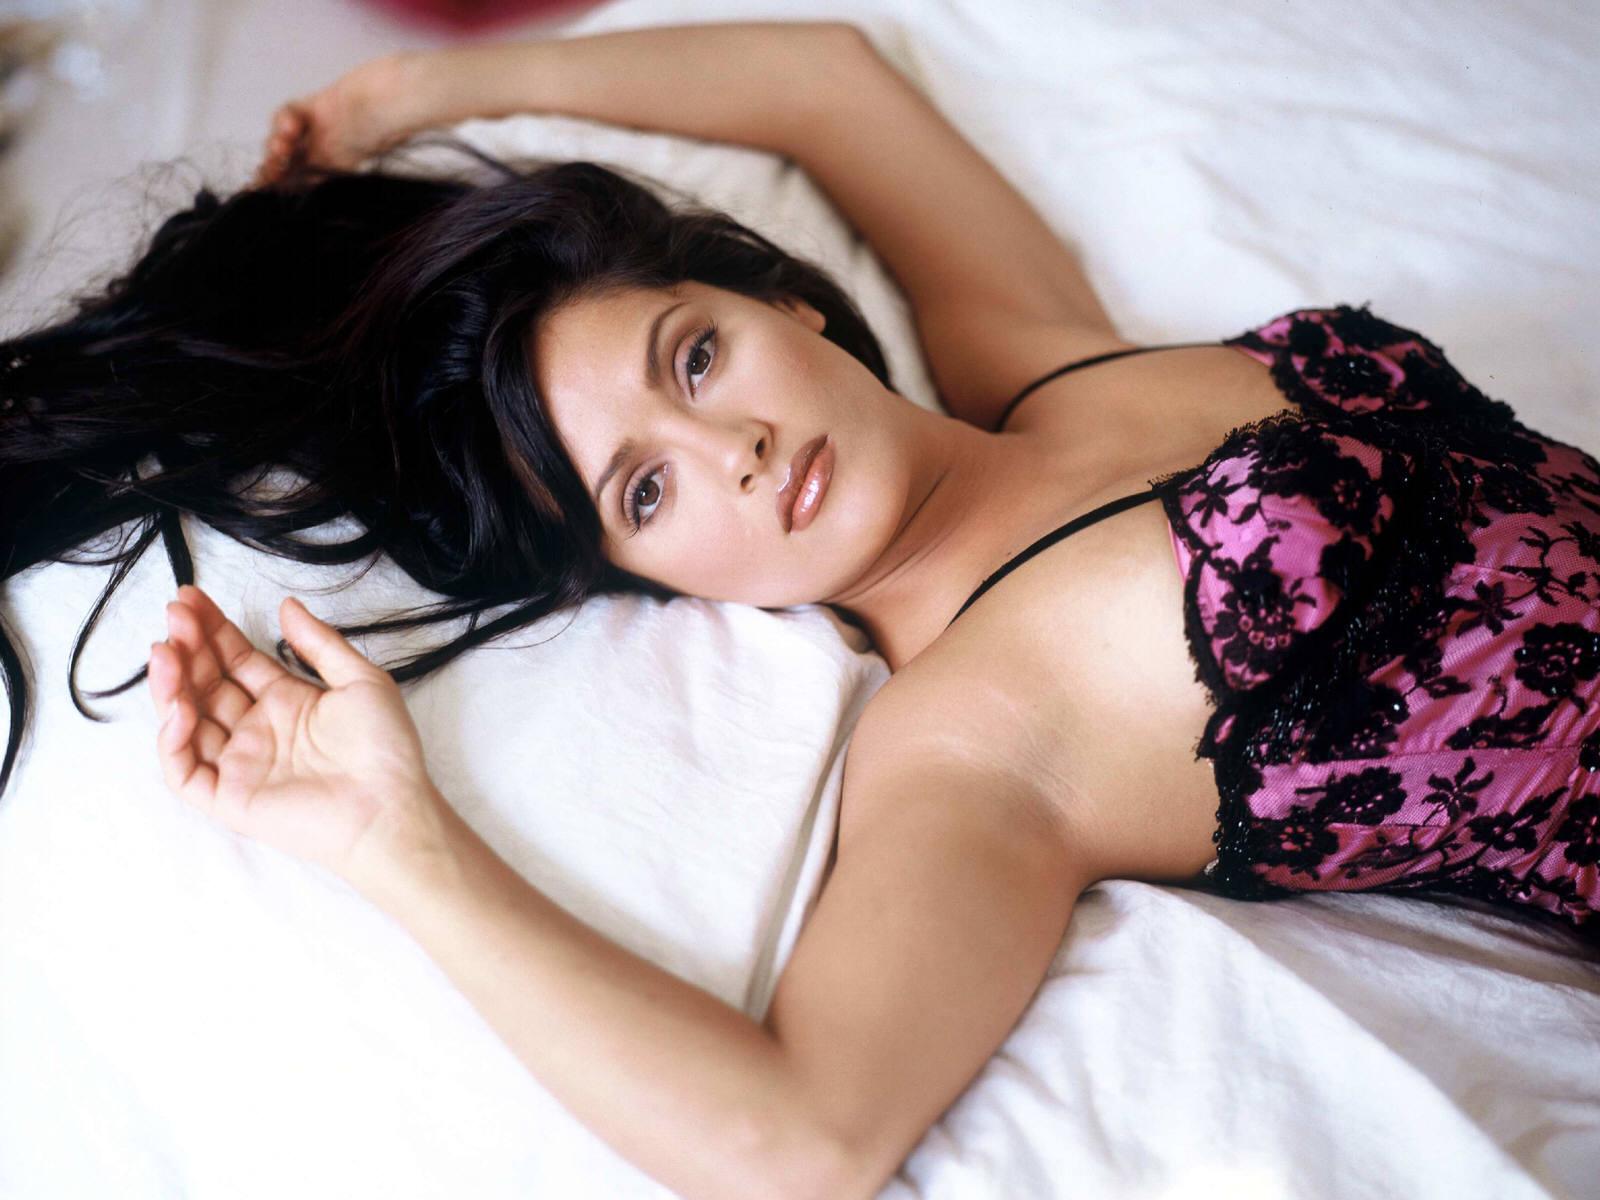 ugovarivayut-fotomodel-snyatsya-v-porno-onlayn-seks-i-siski-pisechka-video-igri